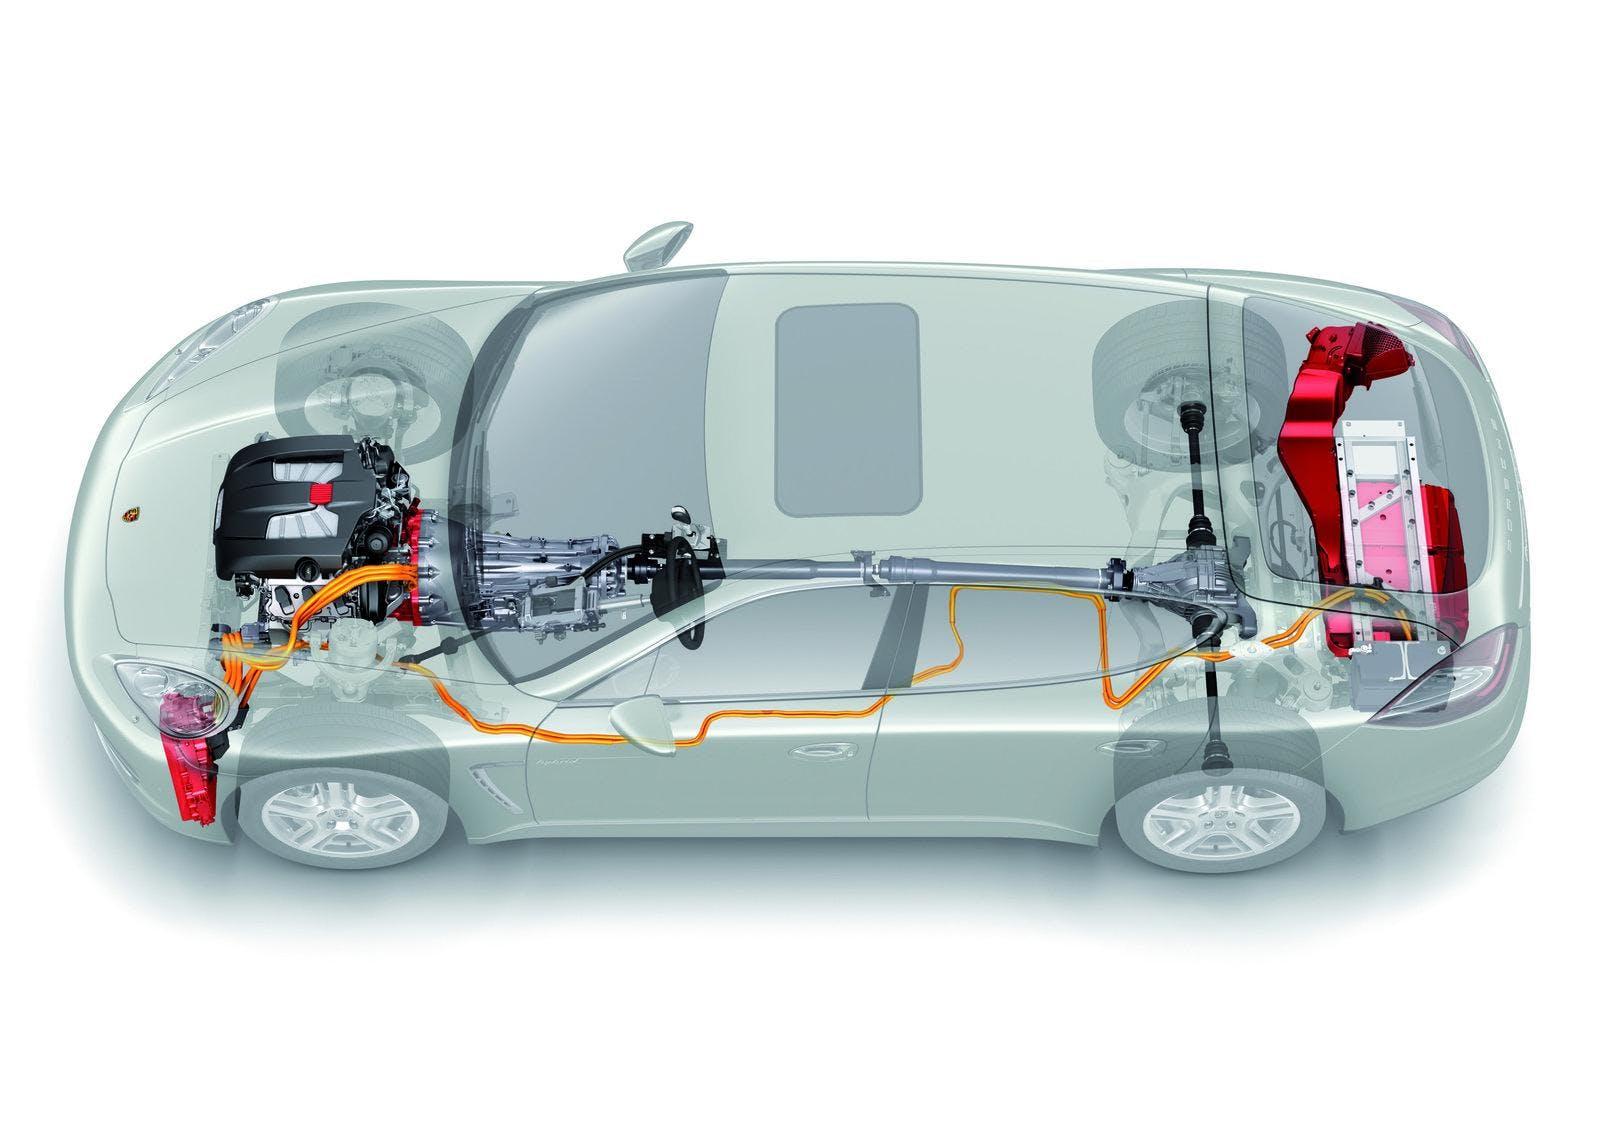 Hibrit Otomobil Nedir? Avantajları ve Dezavantajları Nelerdir?